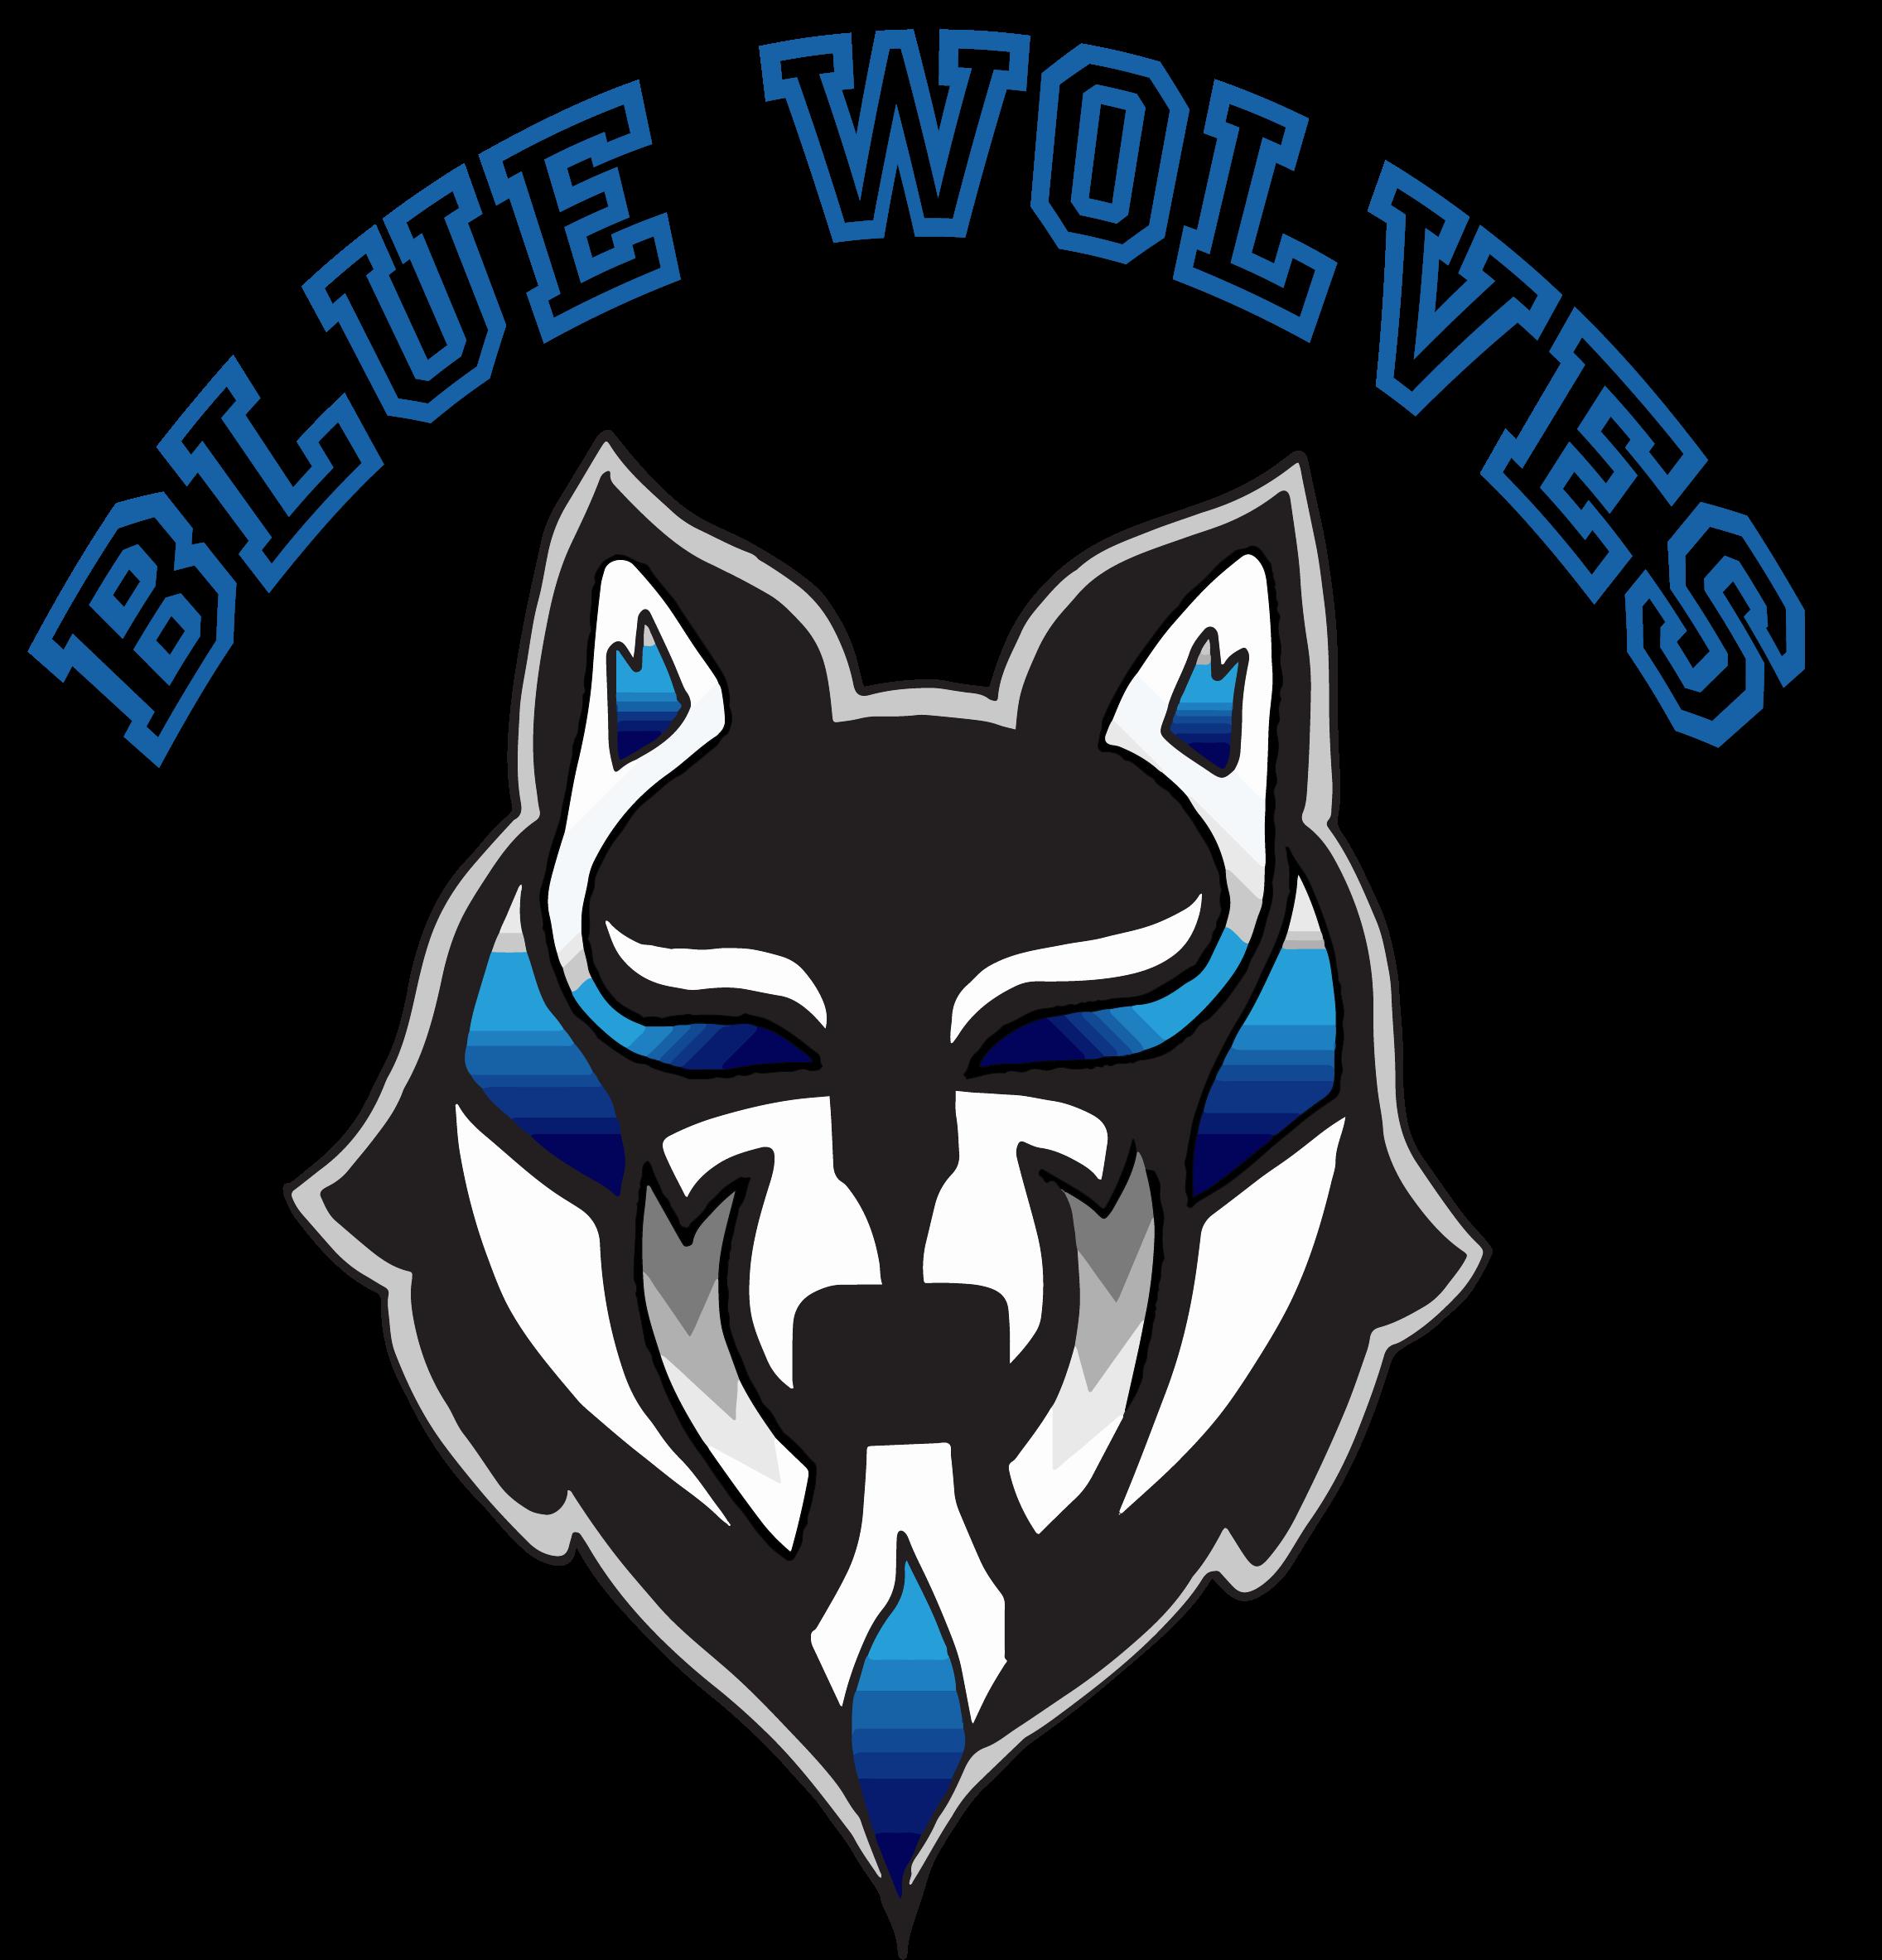 Deporte - Blue Wolves